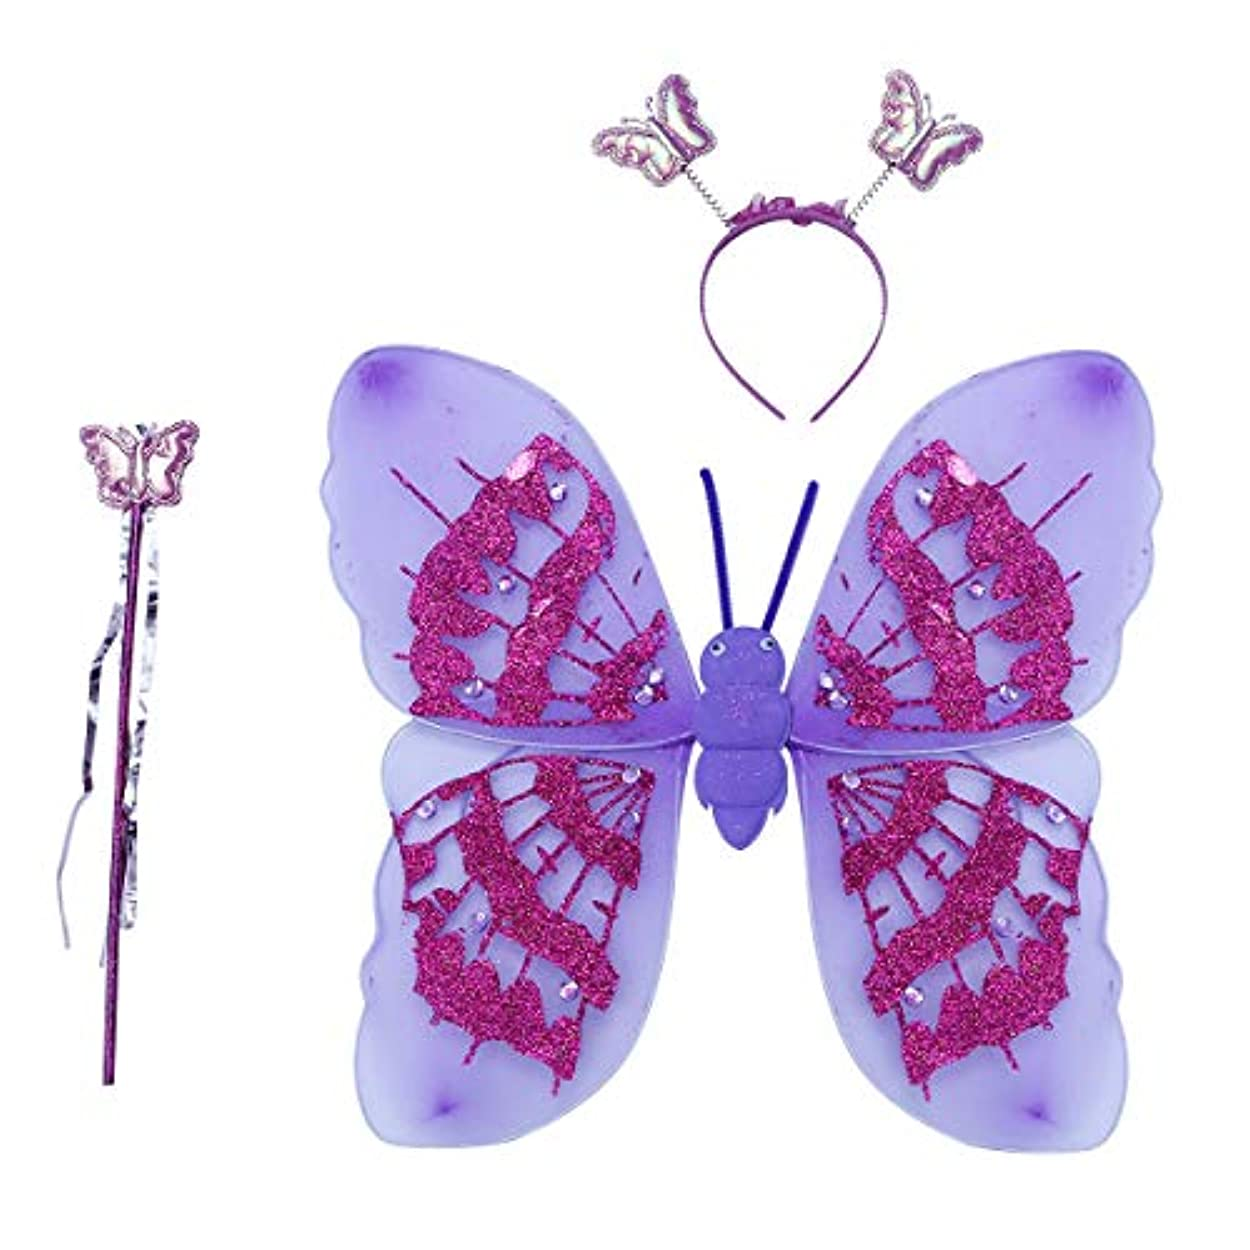 投げ捨てるフェデレーション予言するBESTOYARD ガールズフェアリーバタフライウィングスコスチュームヘアバンドフェアリーワンドパフォーマンスコスチュームセットパーティーコスチュームセット(3pcs、Purple)